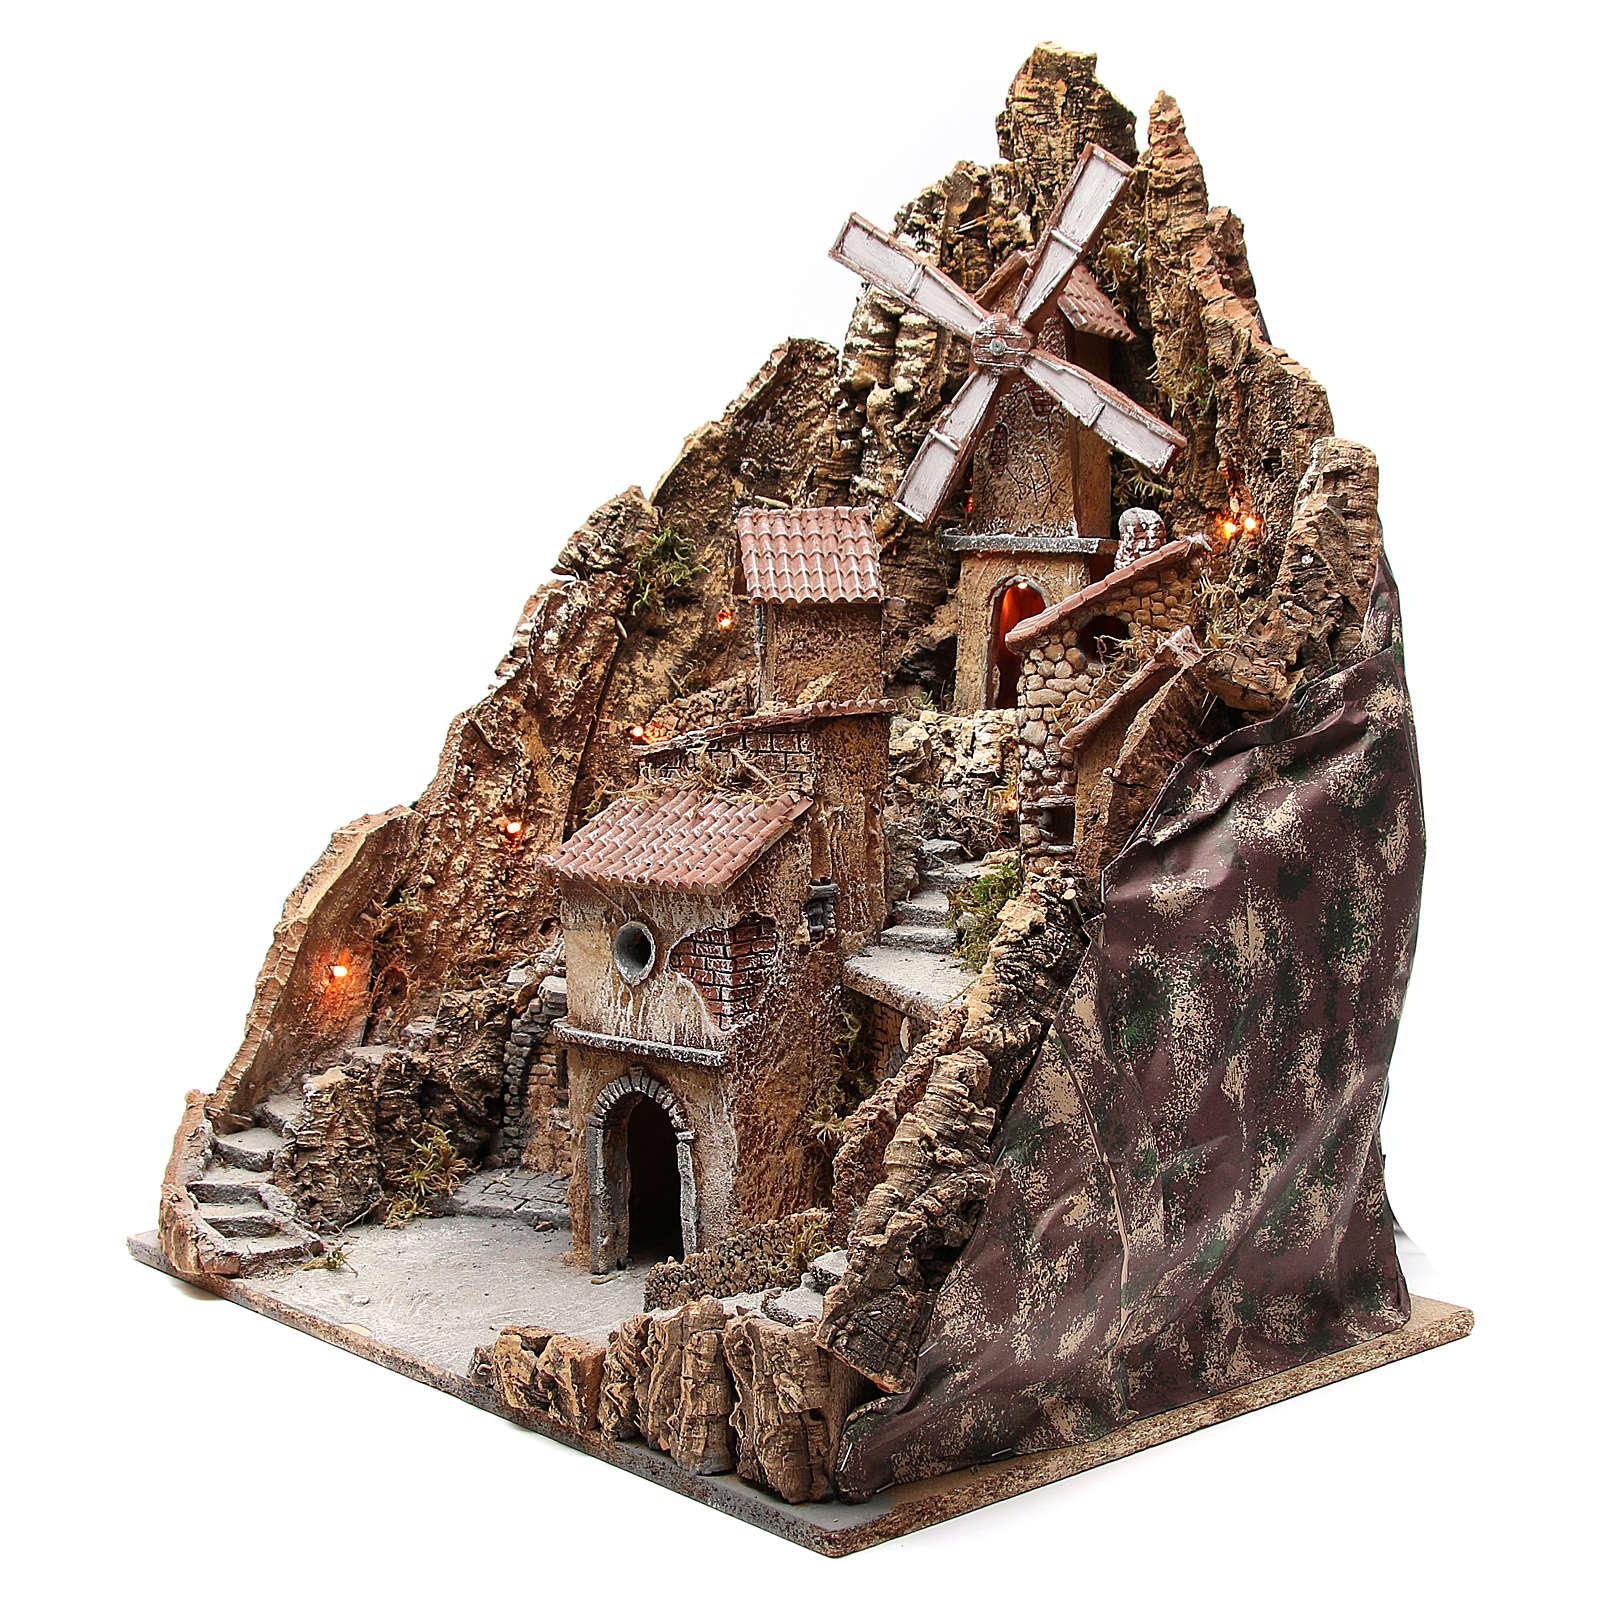 Bourgade crèche napolitaine avec moulin 60x58x55 cm 4